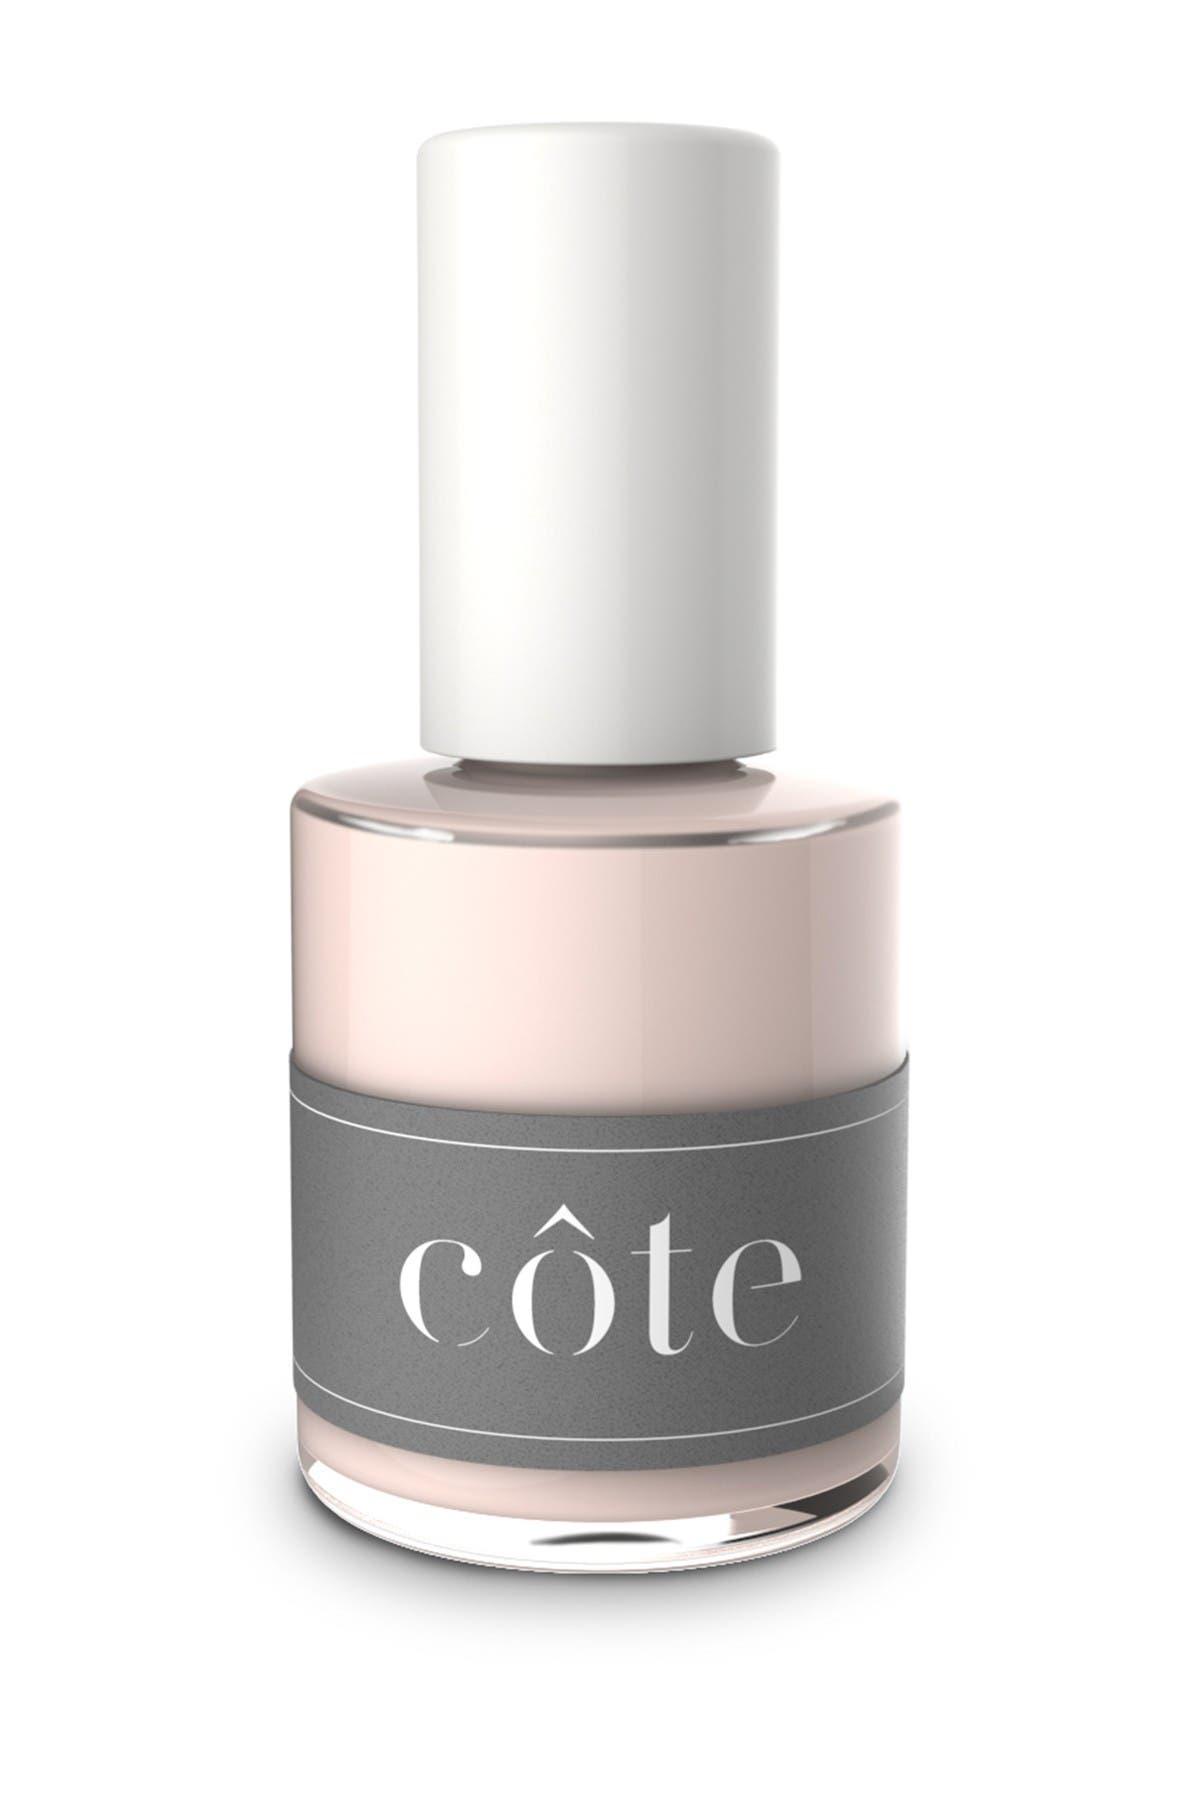 Image of Cote No. 5. Sheer Peachy Pink Nail Color